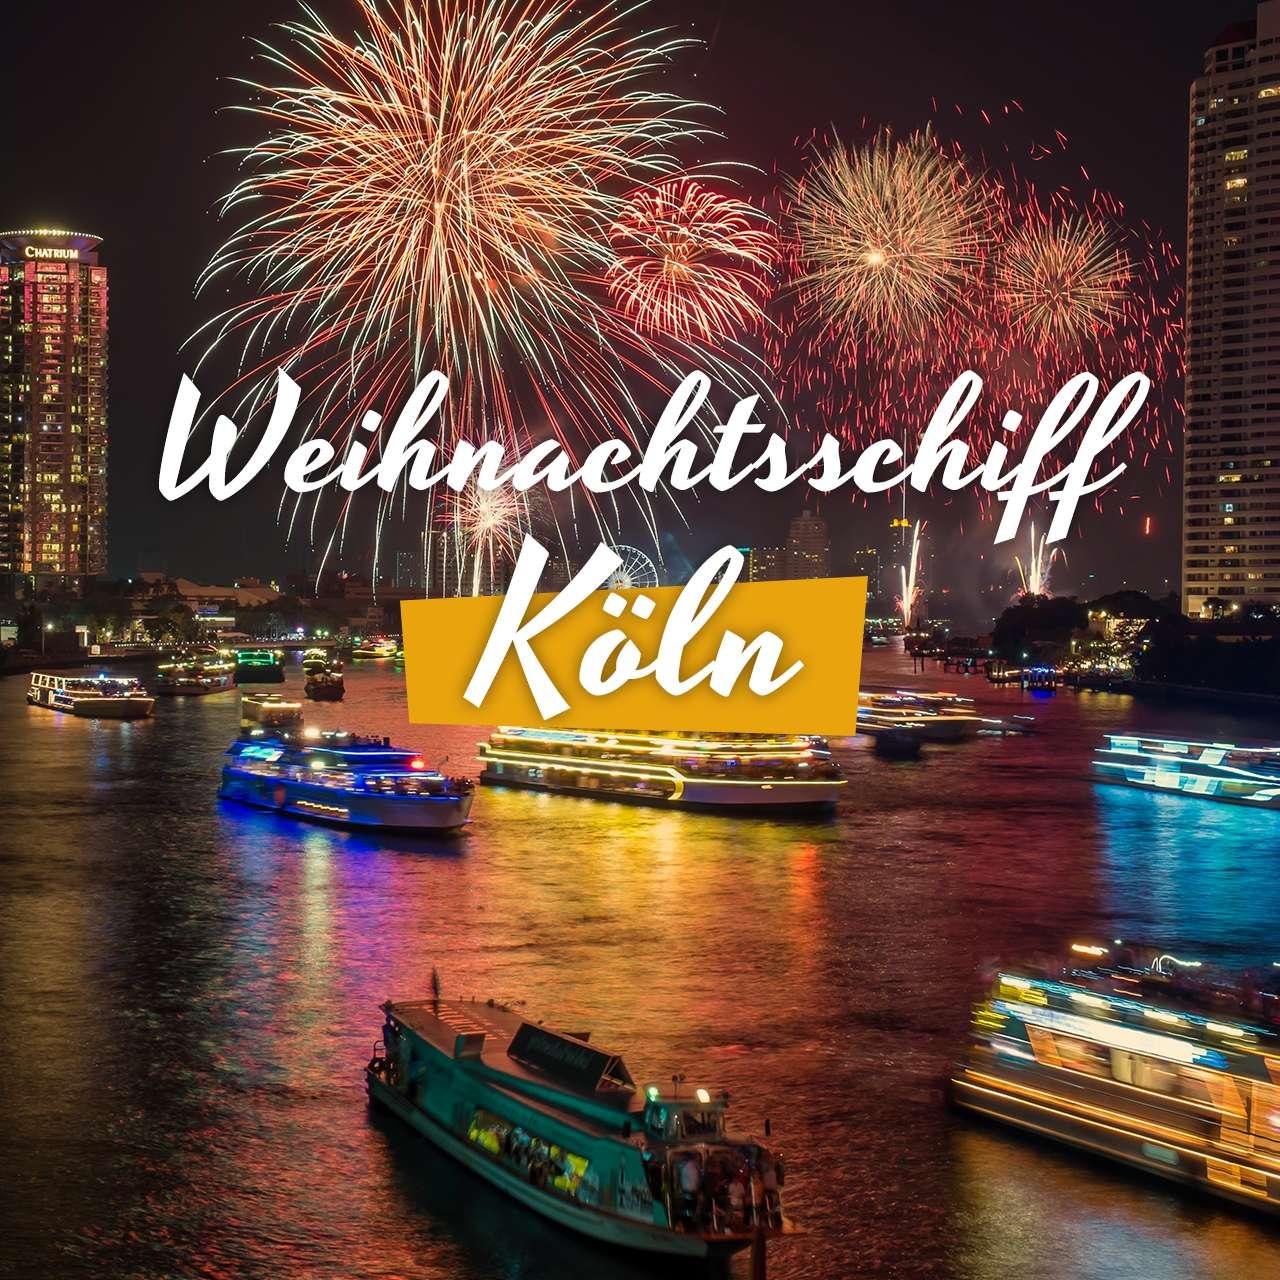 Weihnachtsfeier Schiff Köln.Weihnachtsschiff Köln